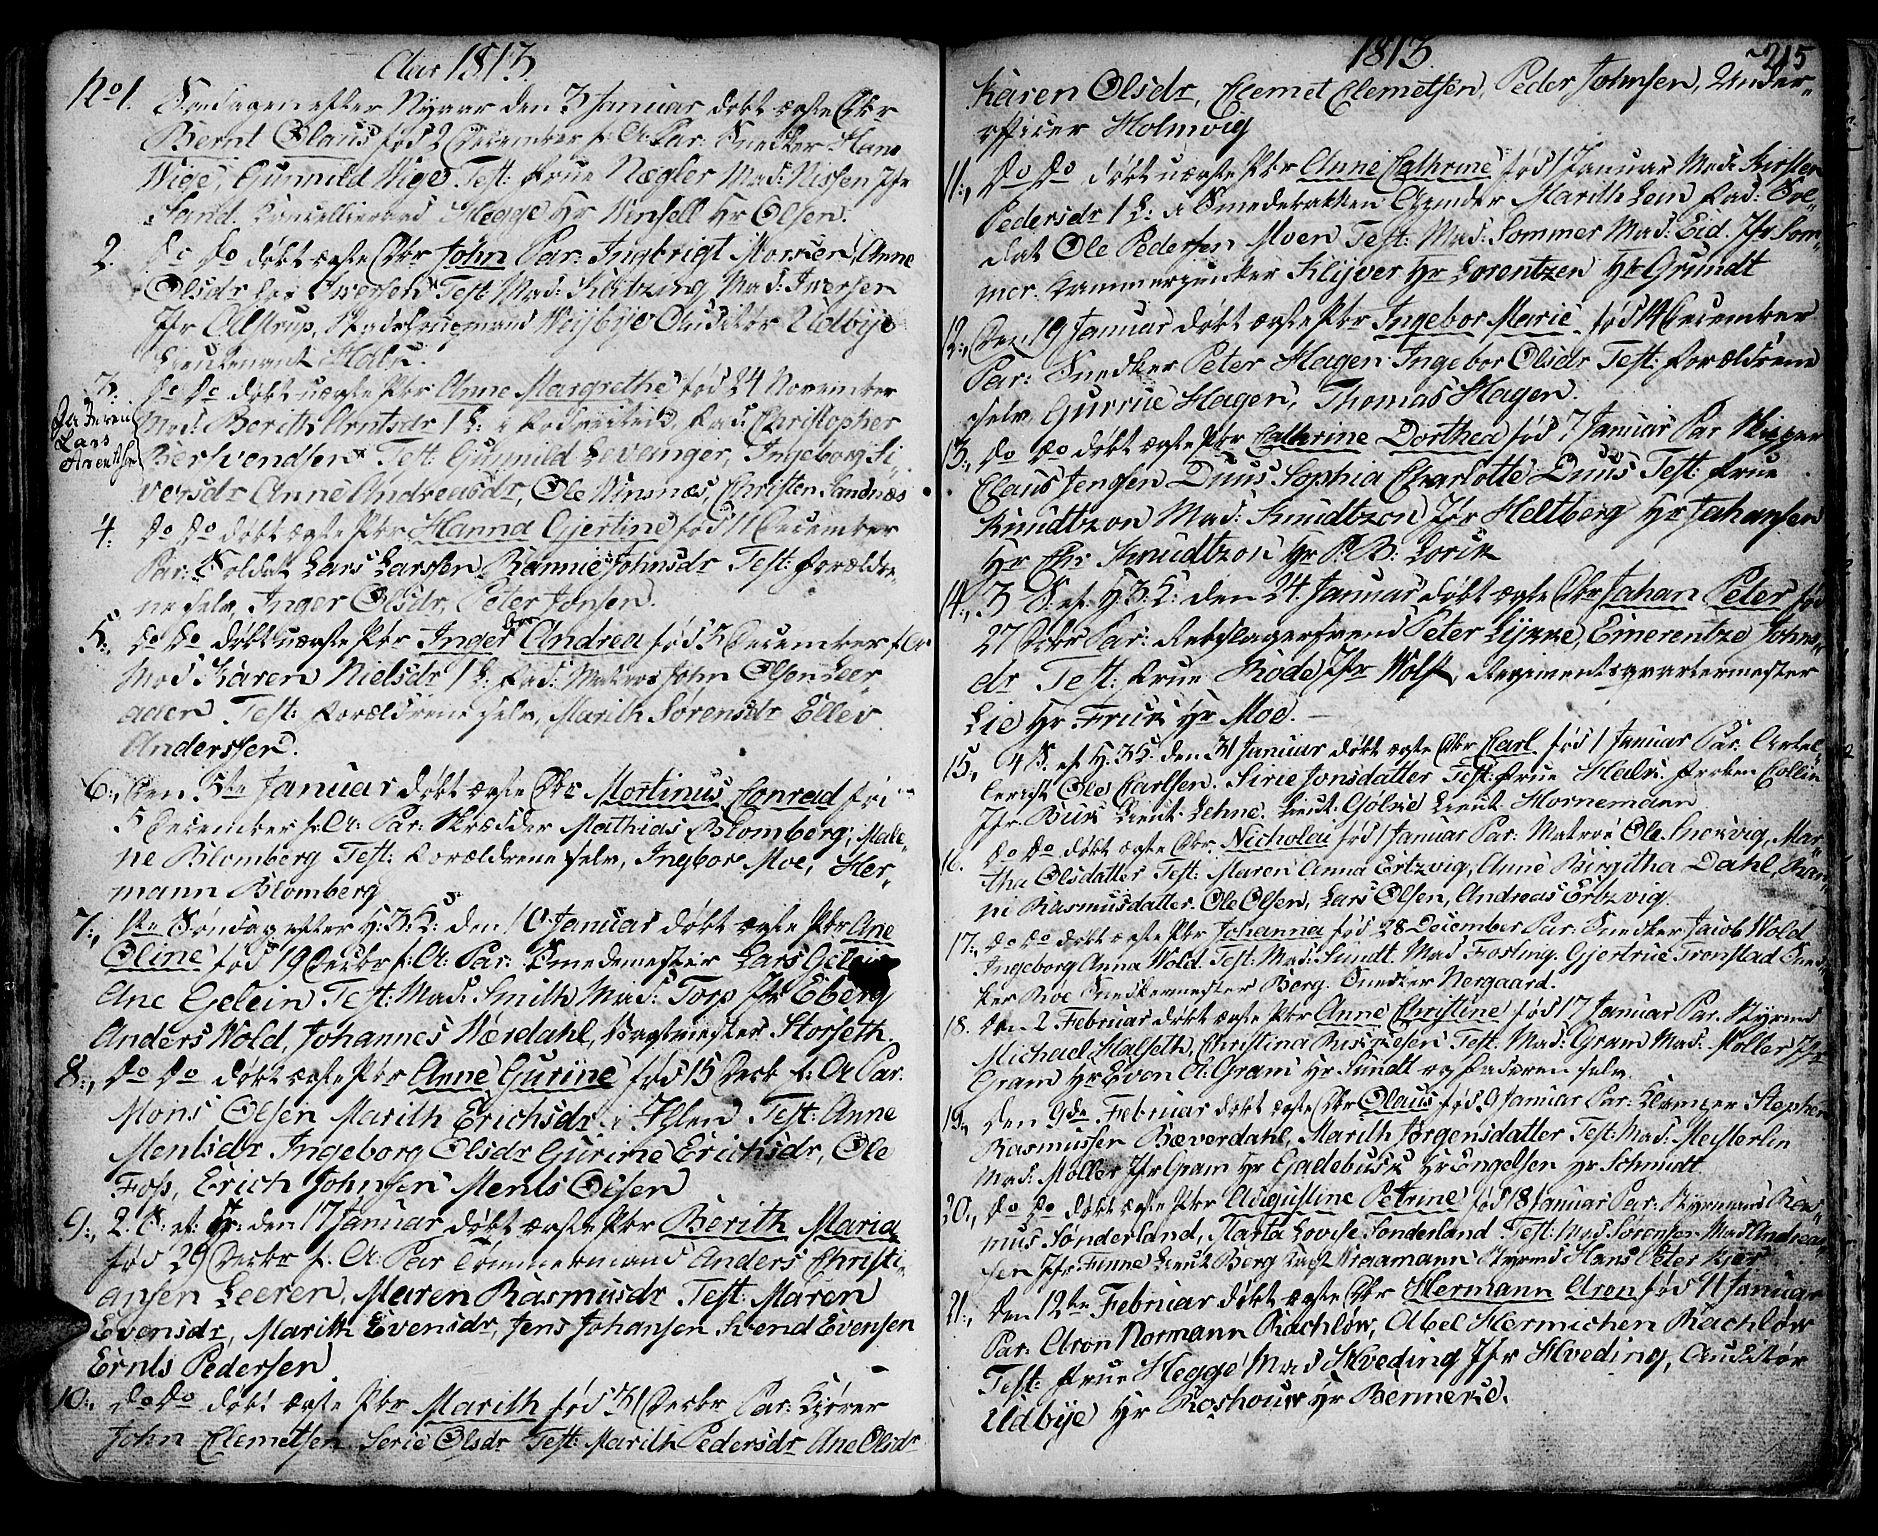 SAT, Ministerialprotokoller, klokkerbøker og fødselsregistre - Sør-Trøndelag, 601/L0039: Ministerialbok nr. 601A07, 1770-1819, s. 215